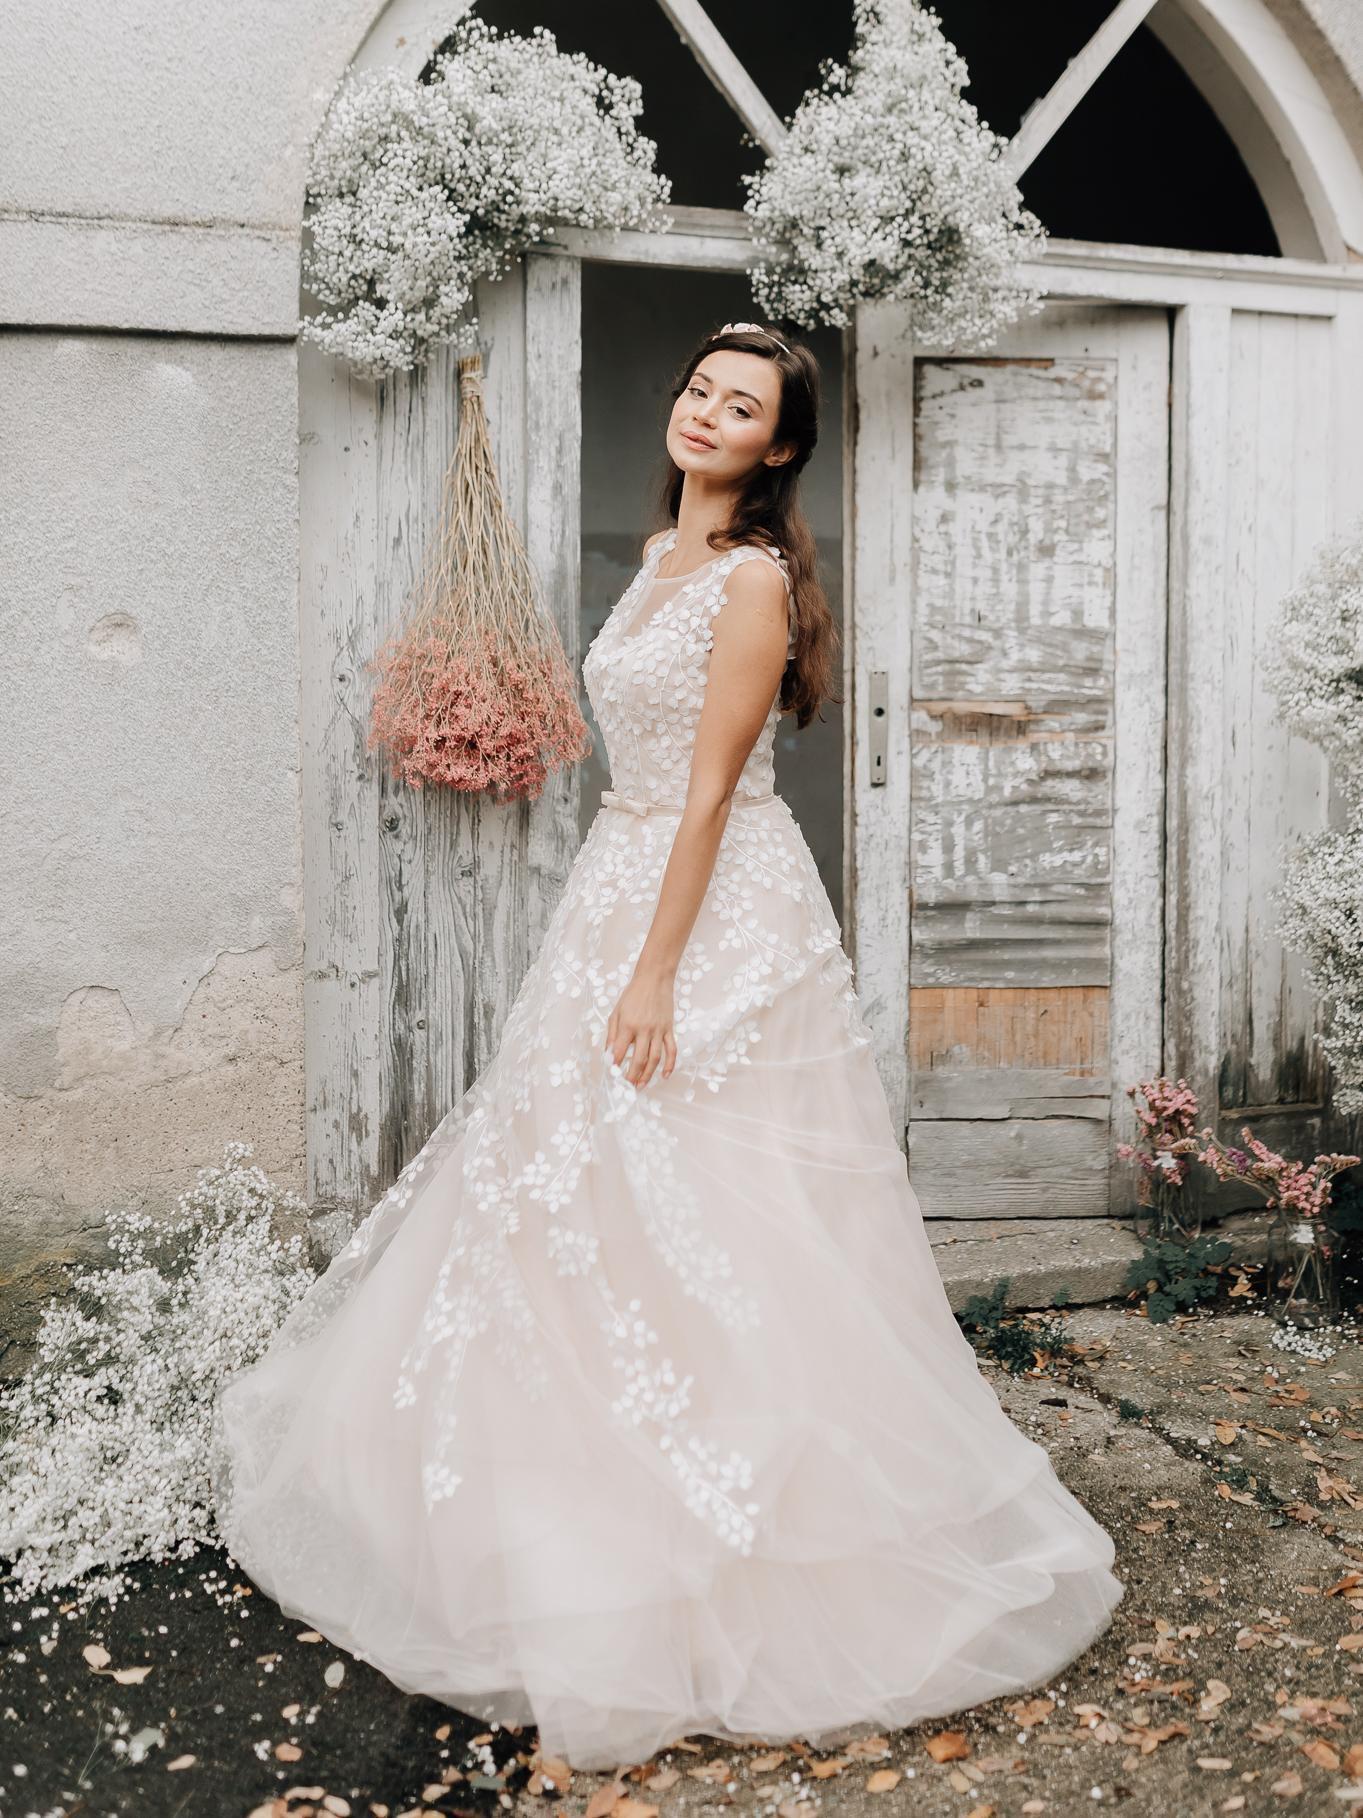 Čarobna nova kolekcija vilinskih vjenčanica Sandre Haddad